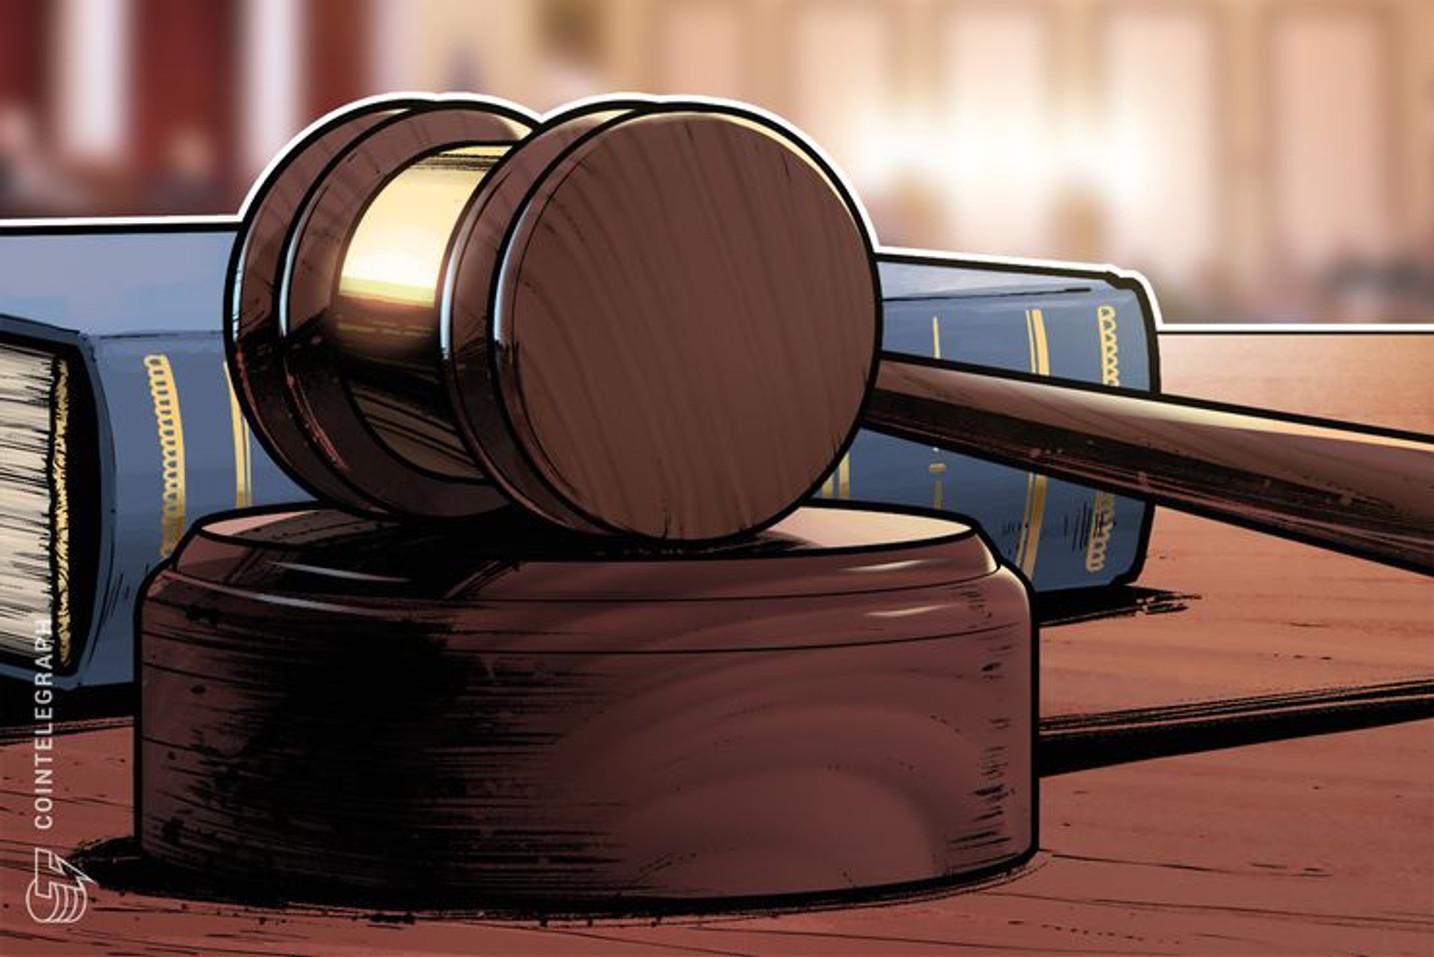 BaFin wickelt Kleinwort Consulting wegen unerlaubter Geschäfte ab